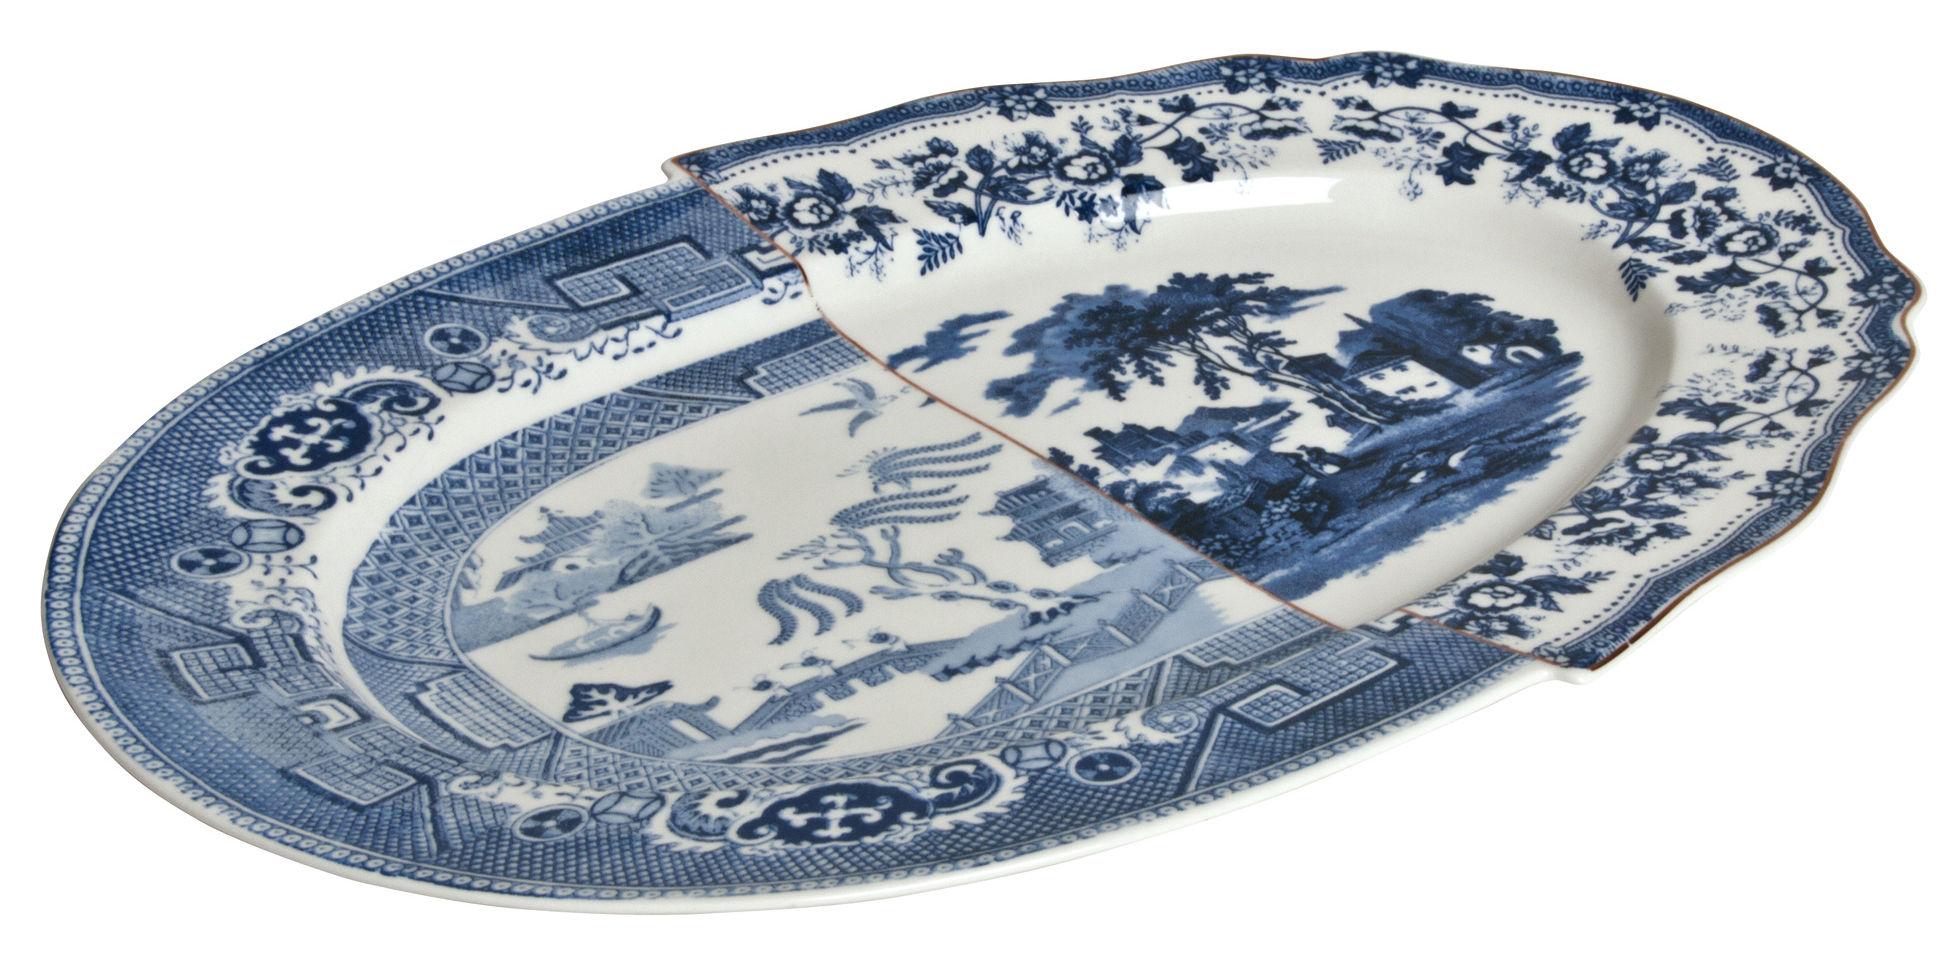 Tischkultur - Platten - Hybrid Diomira Platte / 37 x 24 cm - Seletti - Blau - chinesisches Weich-Porzellan